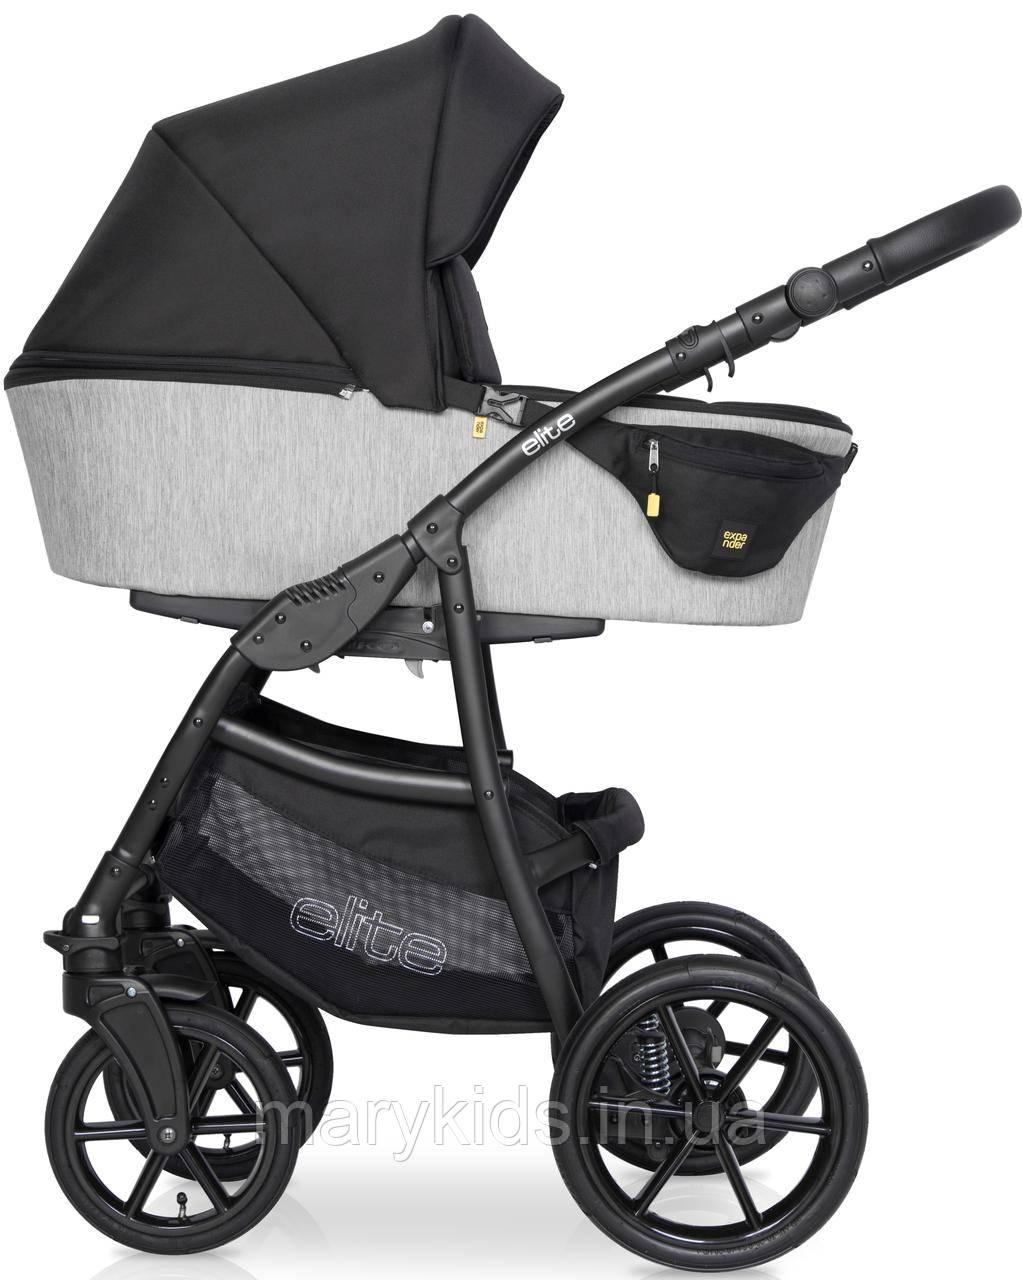 Детская универсальная коляска 2 в 1 Riko Elite 03 Silver